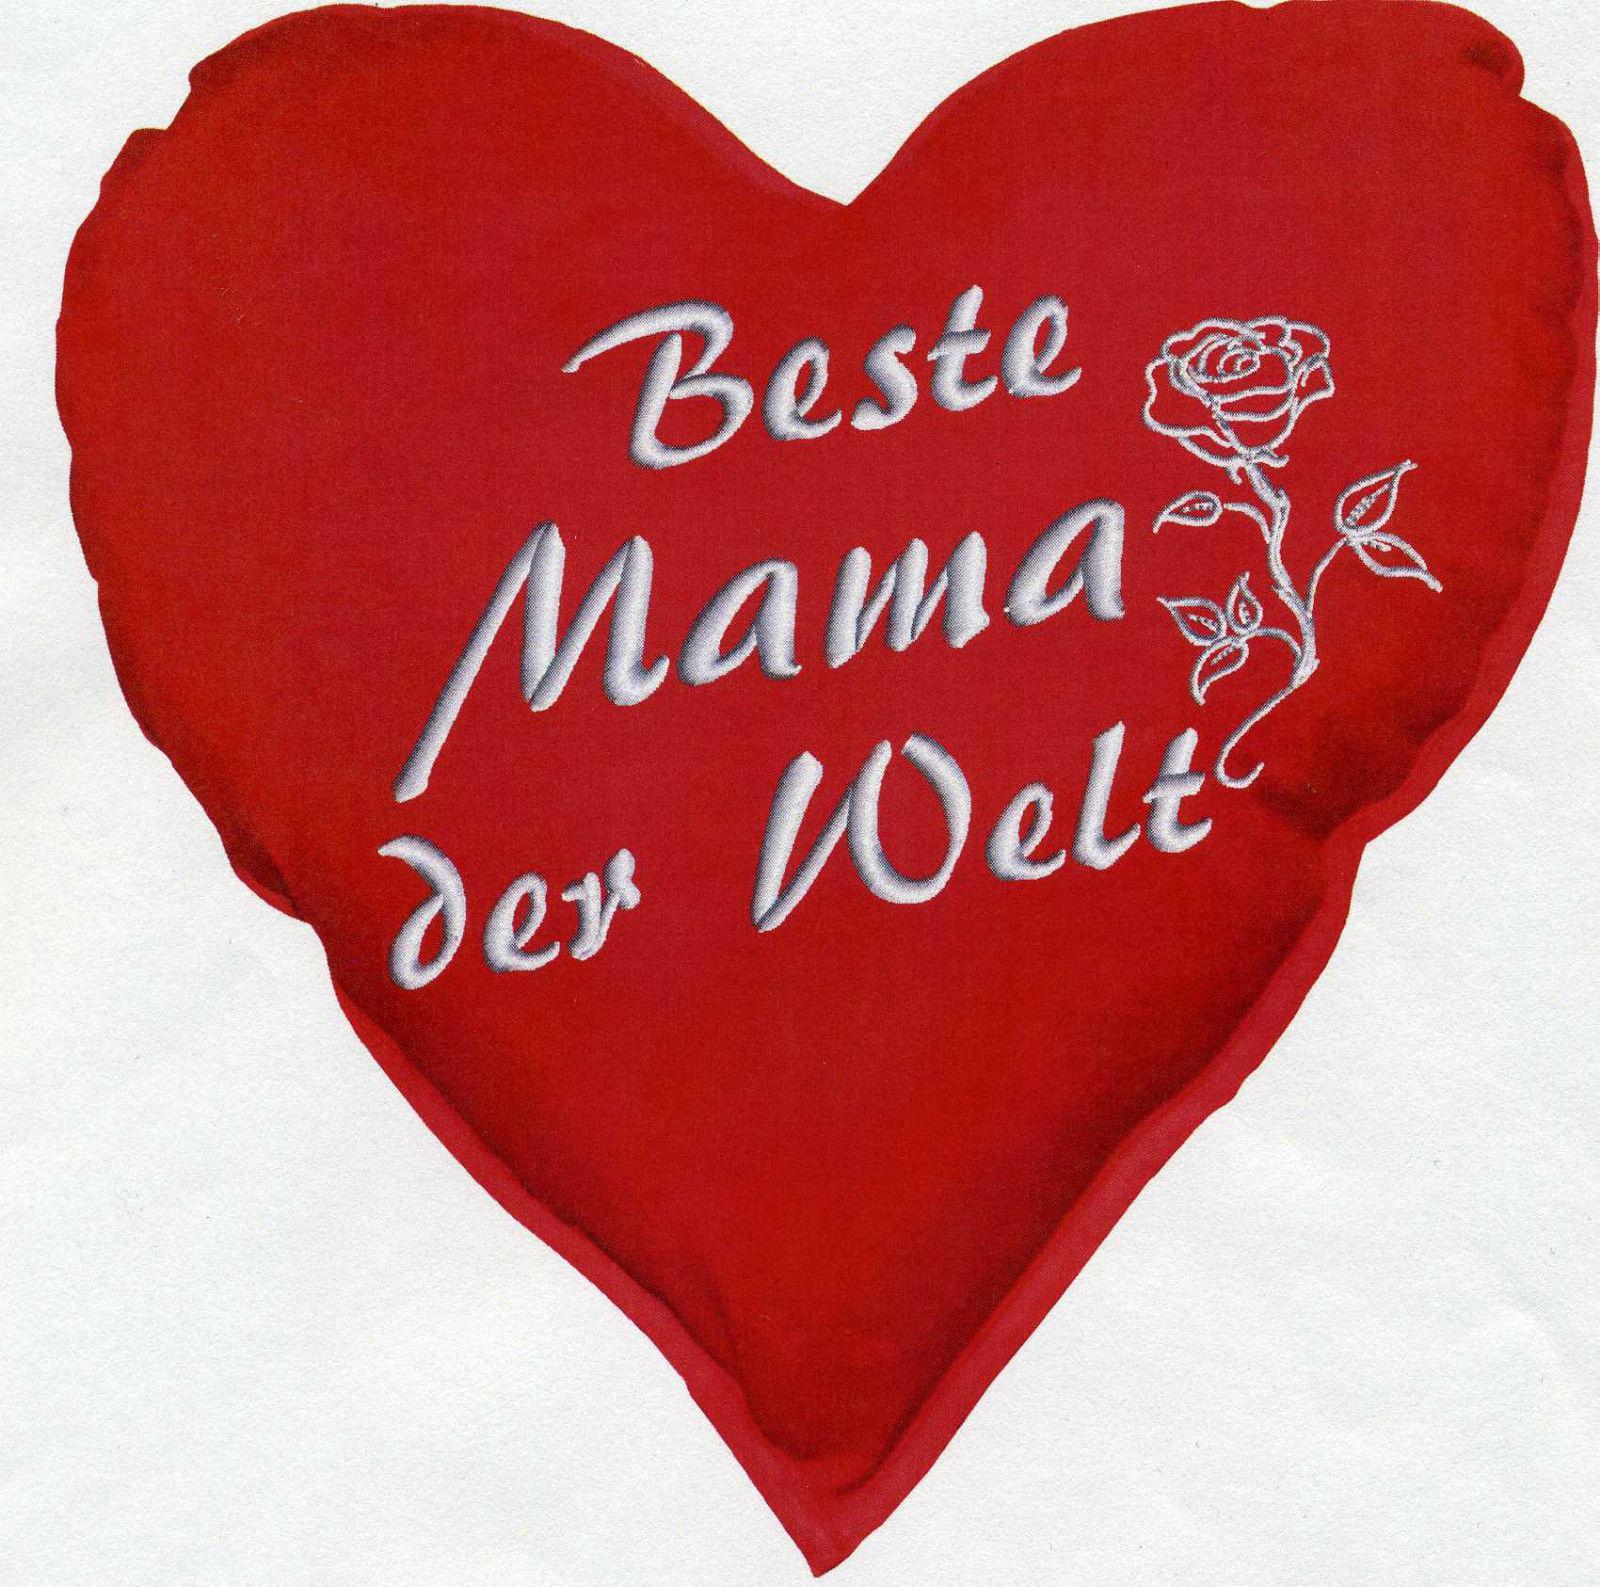 herzkissen beste mama der welt deko kissen ca 36 cm herz 11403 herzkissen kaufen bei. Black Bedroom Furniture Sets. Home Design Ideas